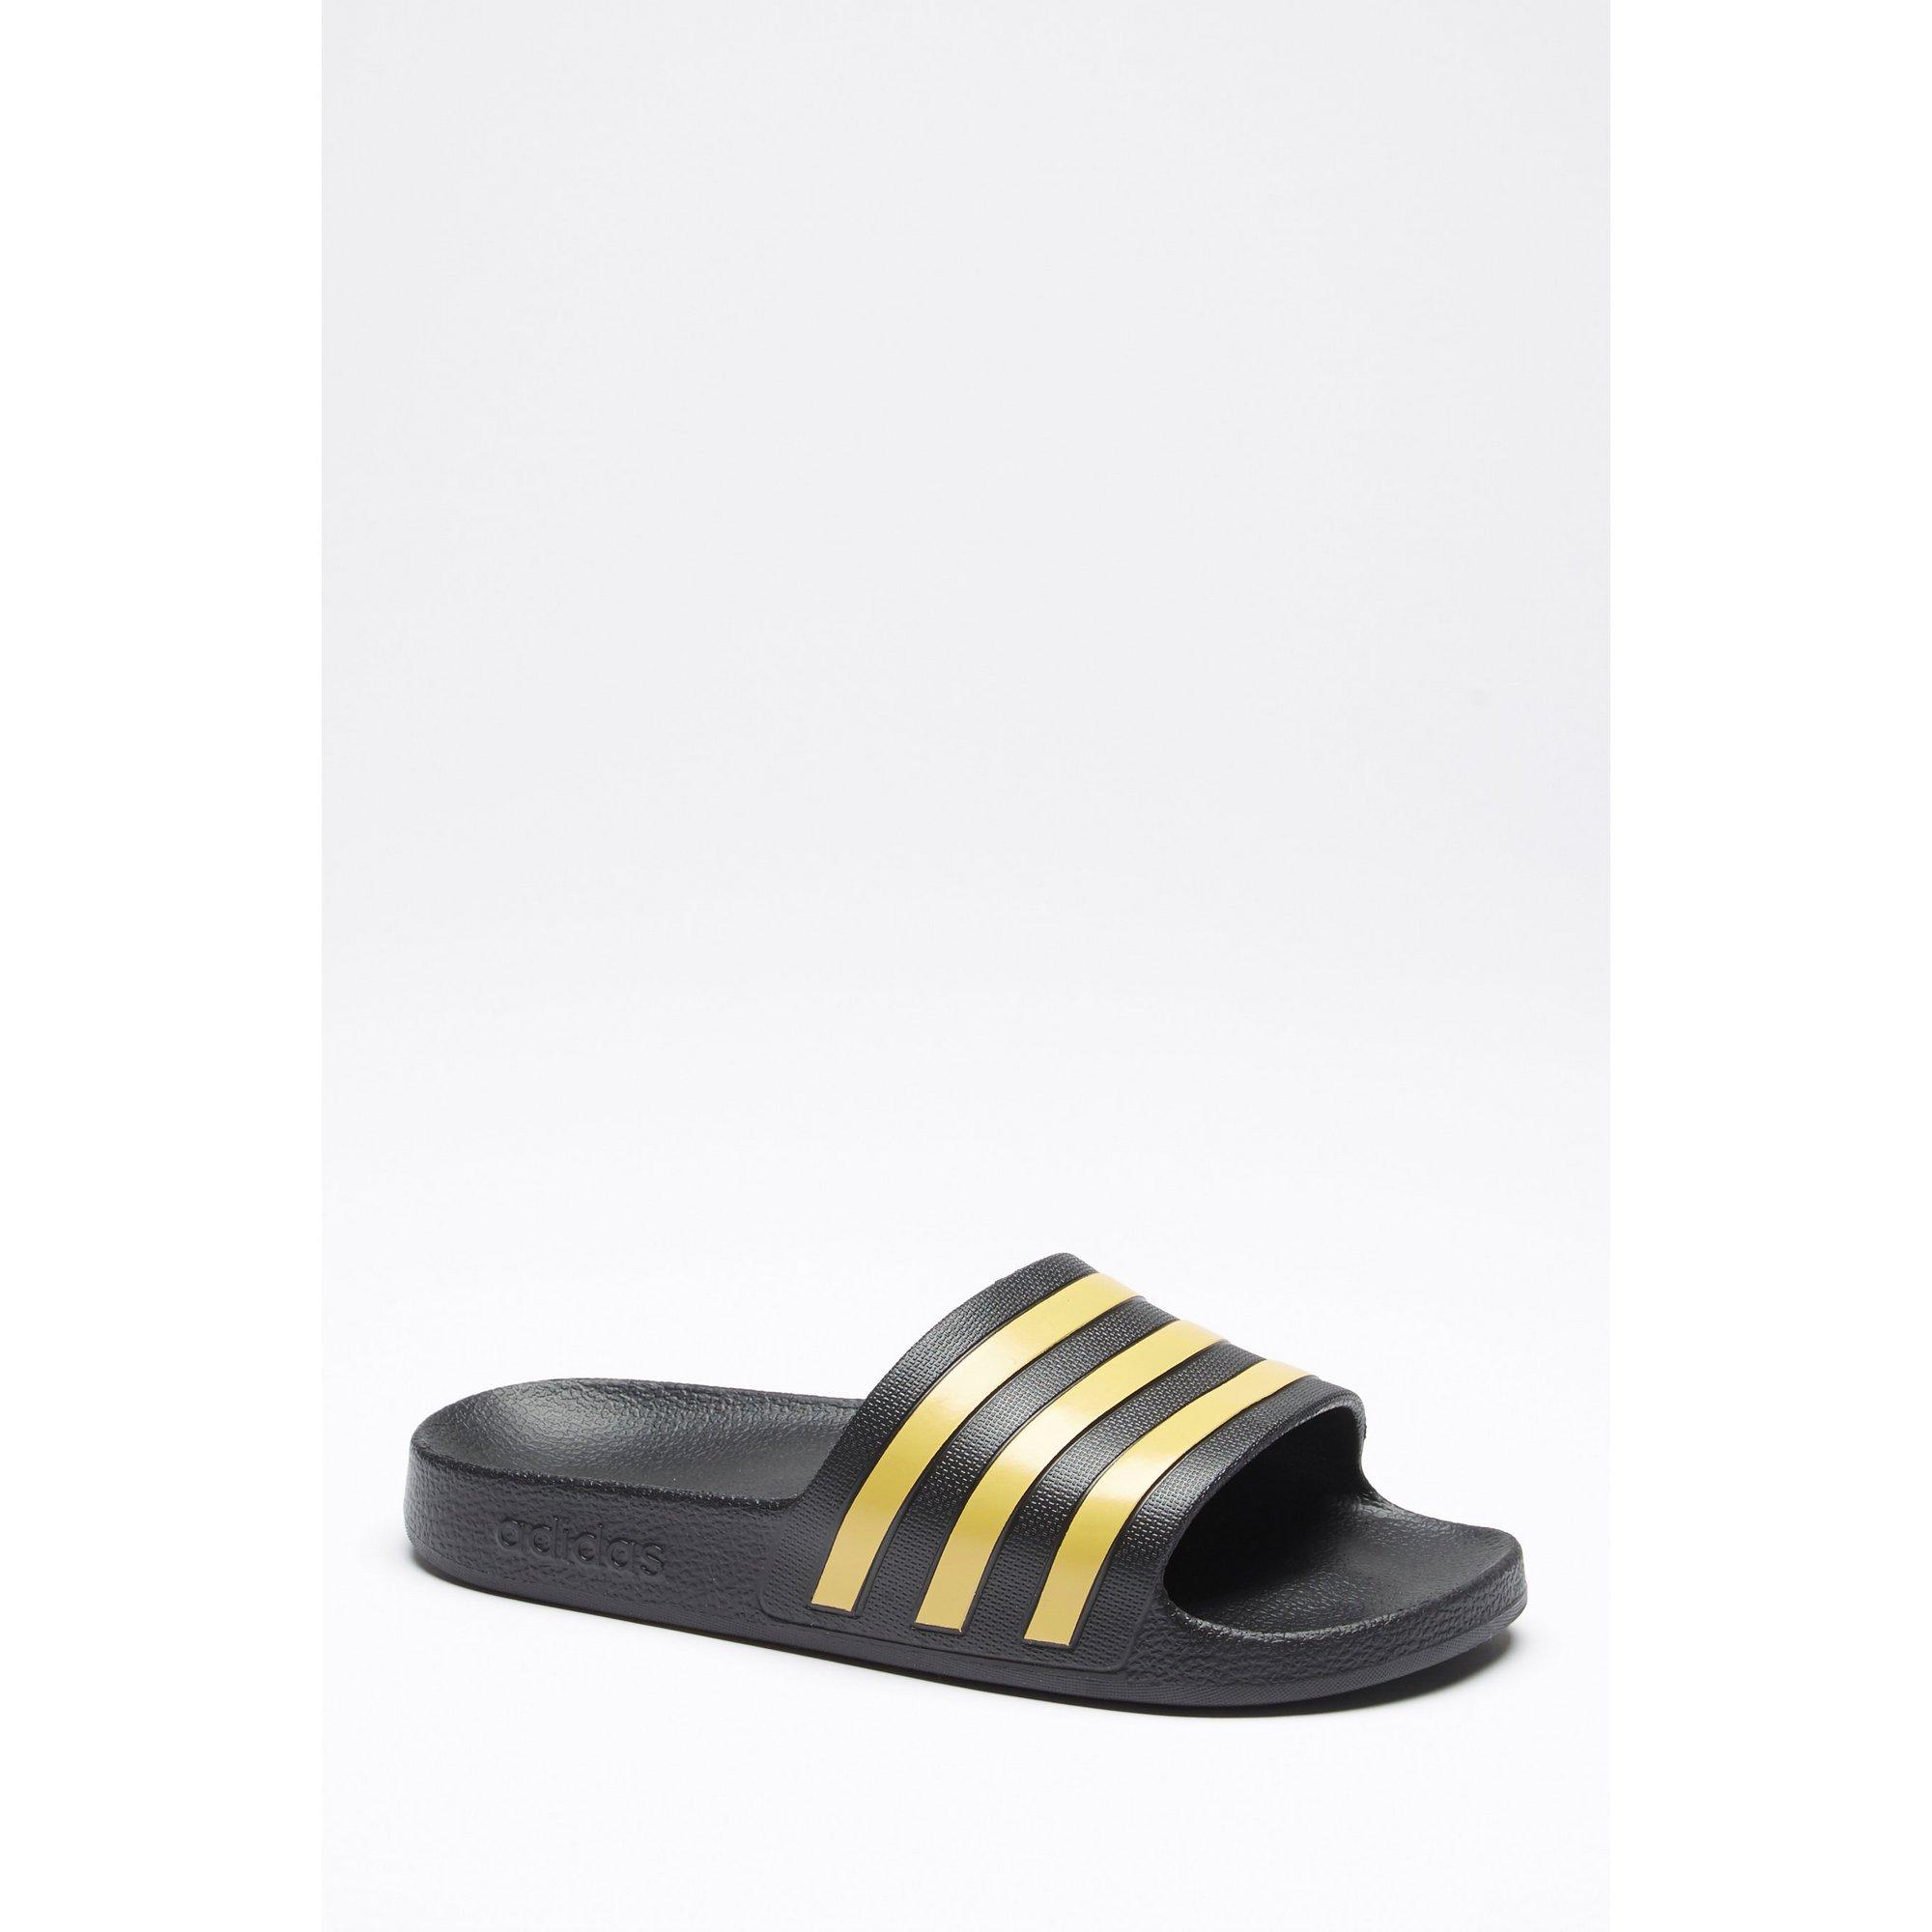 Image of adidas Adilette Aqua Sliders